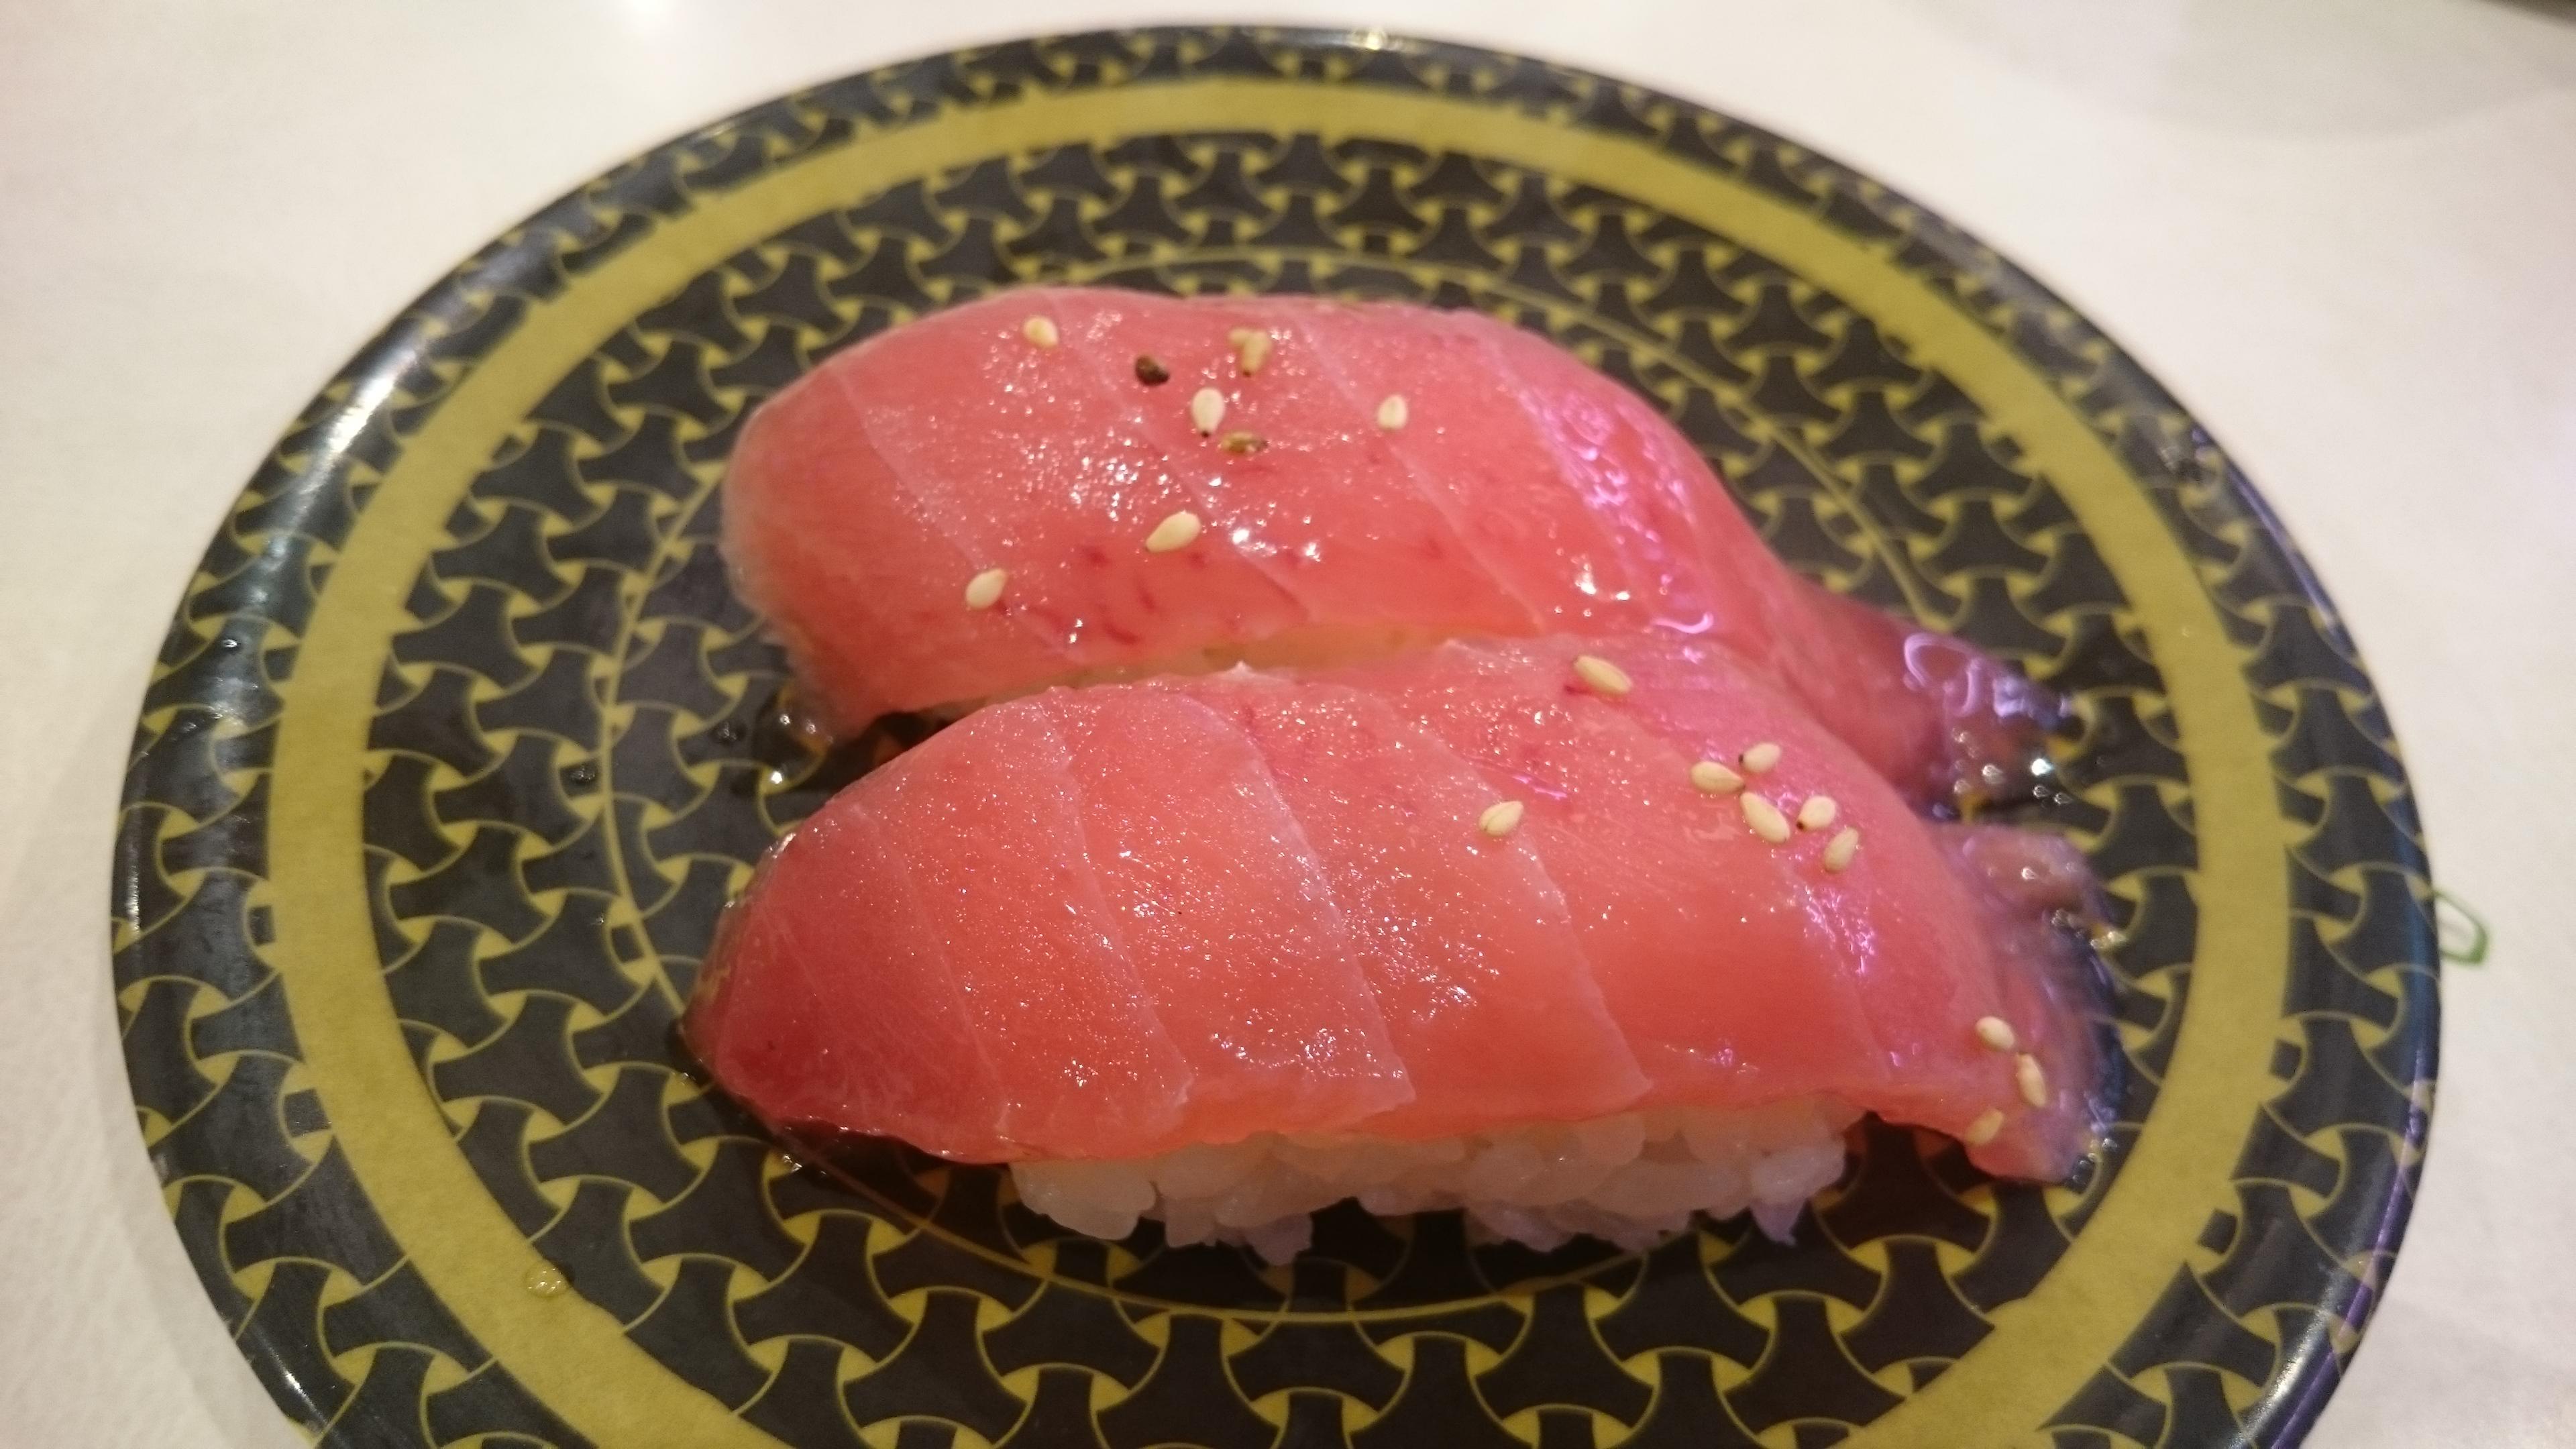 特製漬けまぐろ・まぐろユッケ-はま寿司土岐店